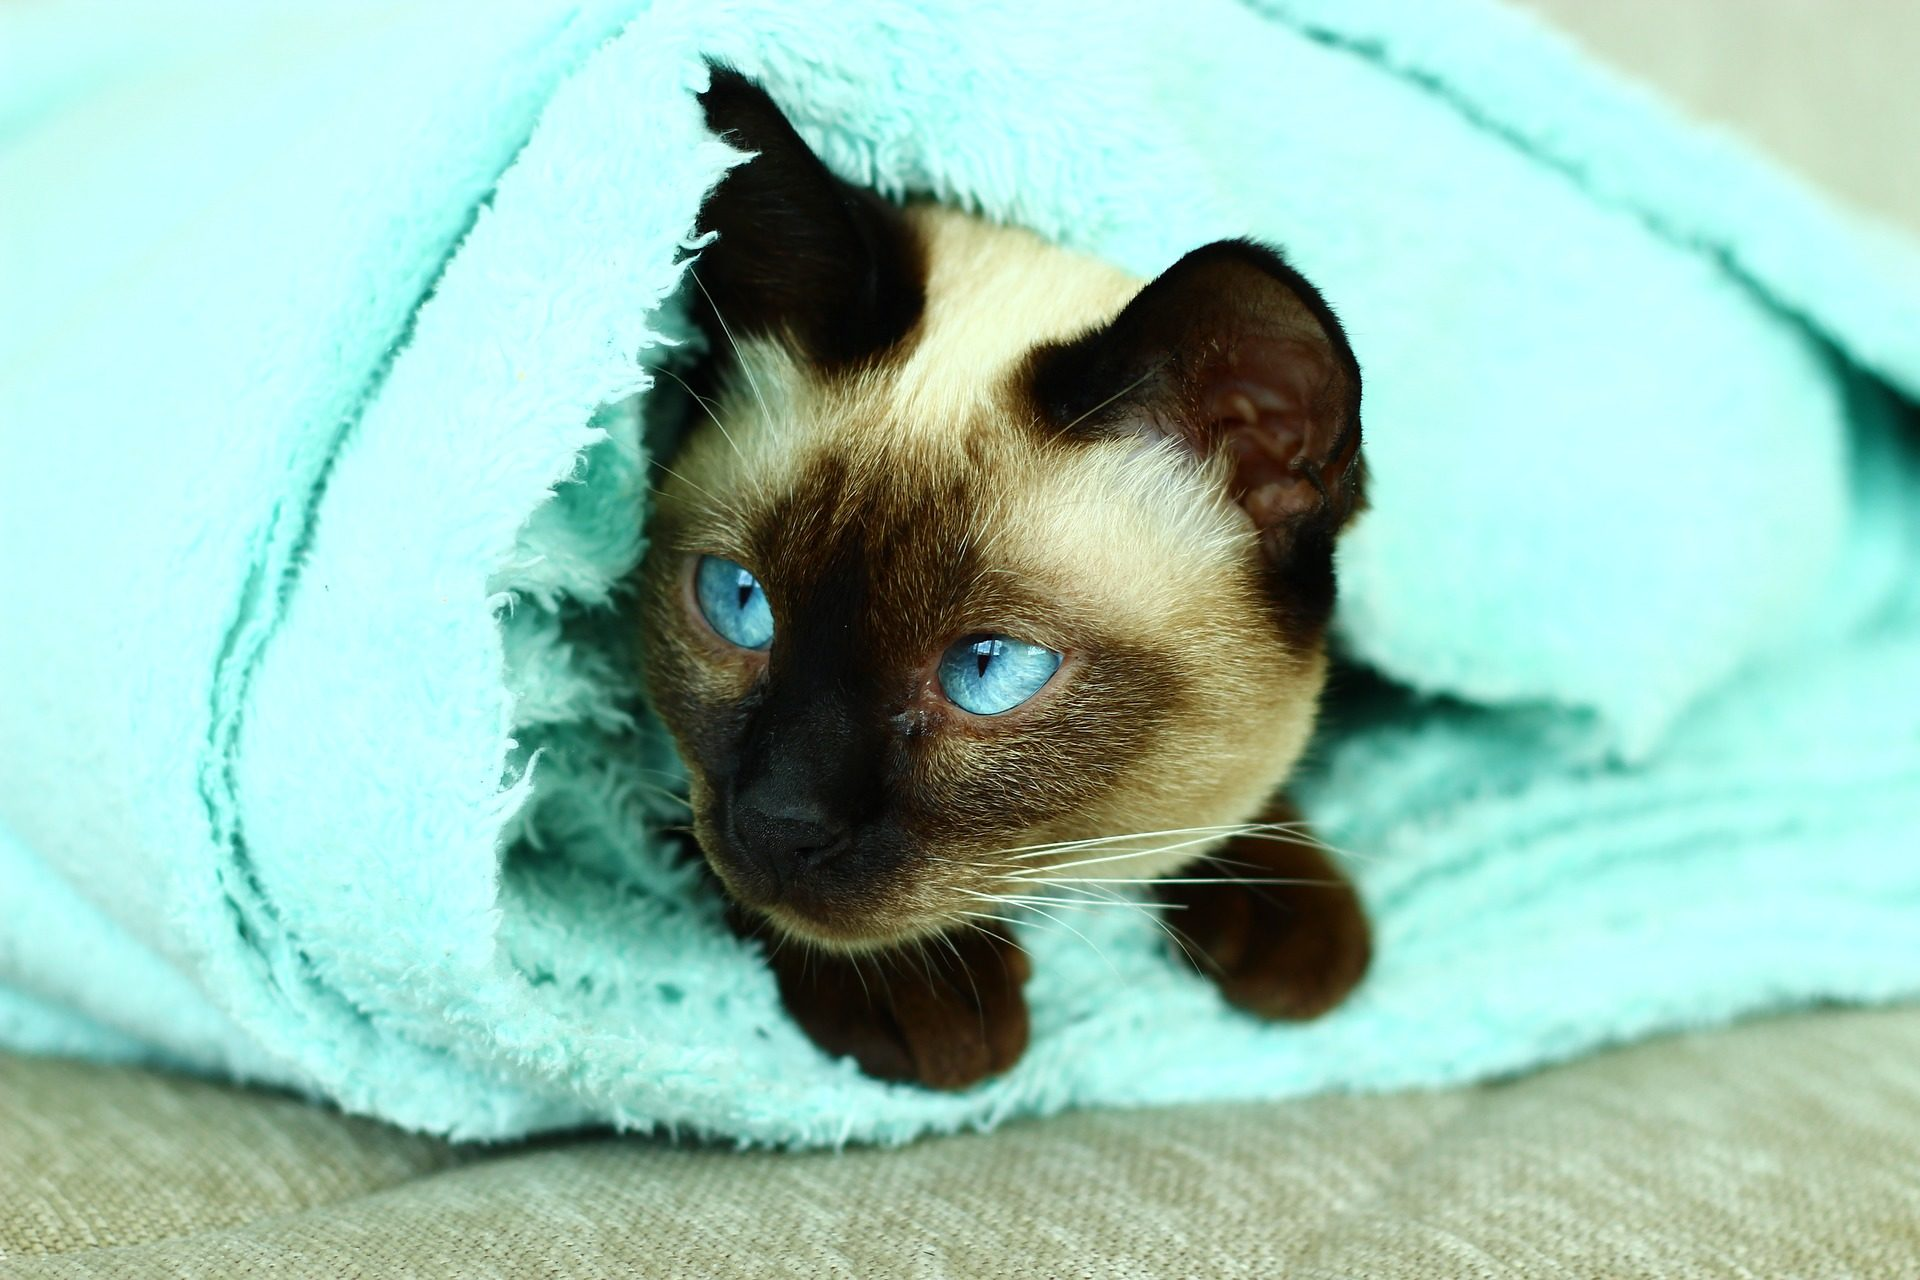 لجنة مناهضة التعذيب, سيامي, بطانية, عيون, الأزرق, الحيوانات الأليفة - خلفيات عالية الدقة - أستاذ falken.com